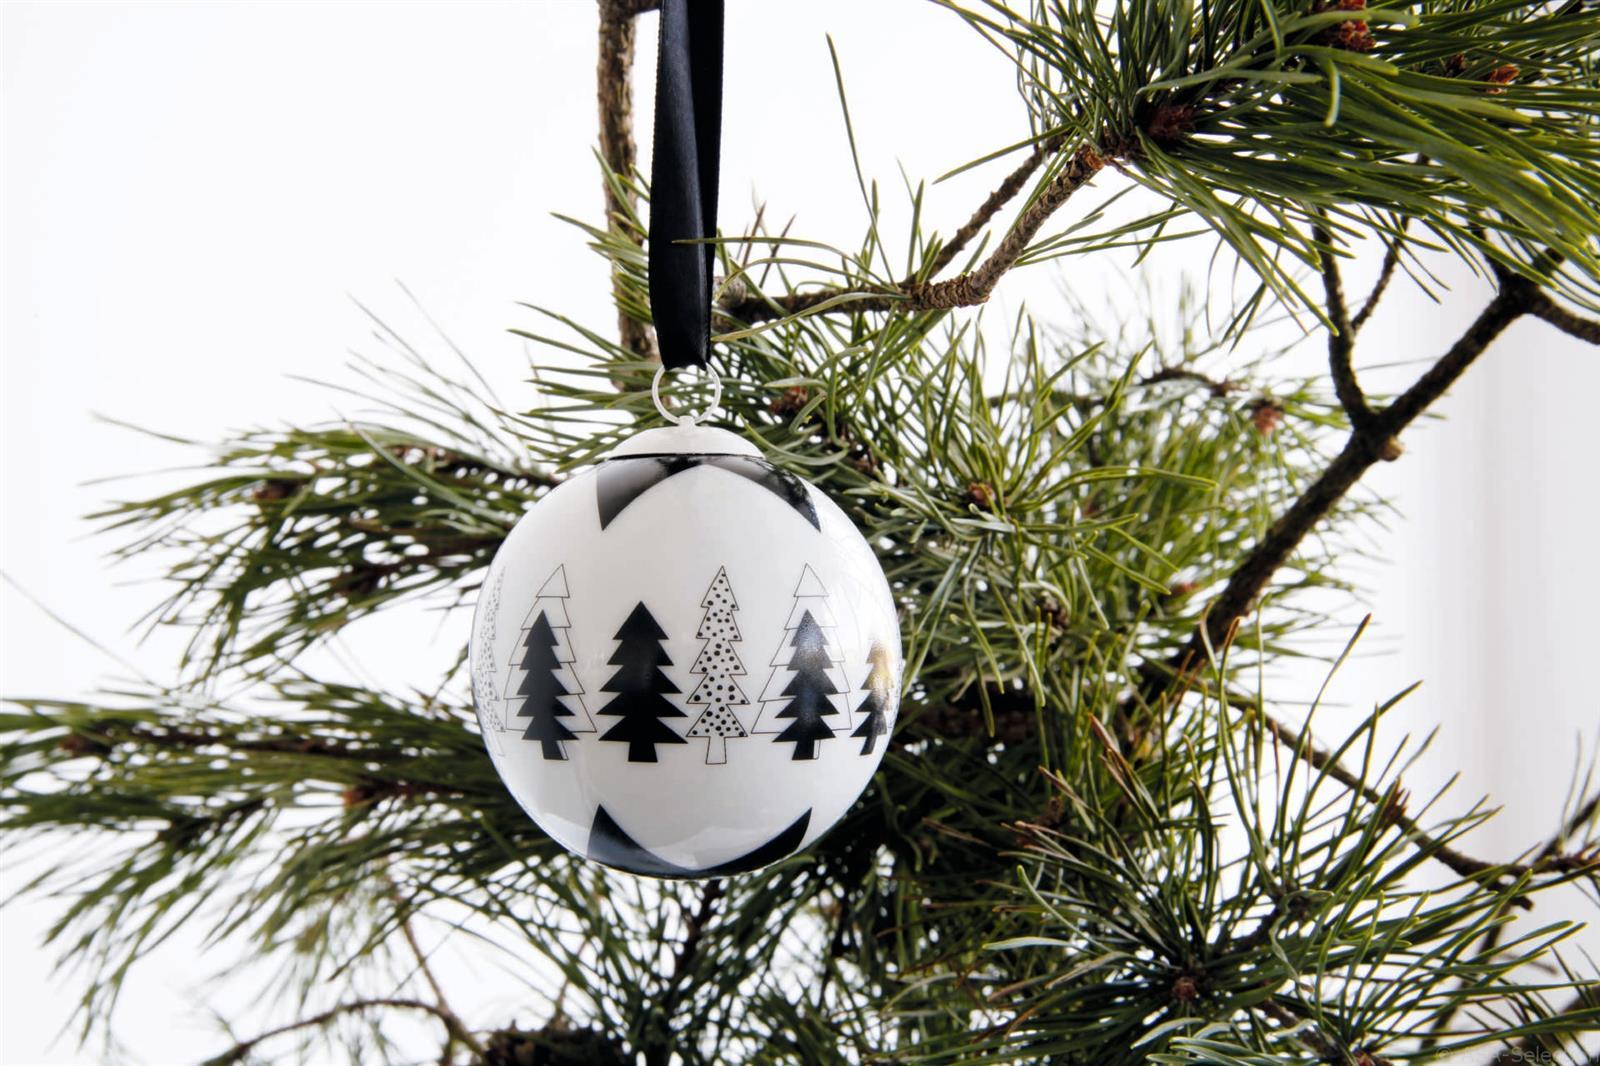 Asa Weihnachtskugel XMAS Gestreift (M) , EUR 12,90 --> erkmann.de ...